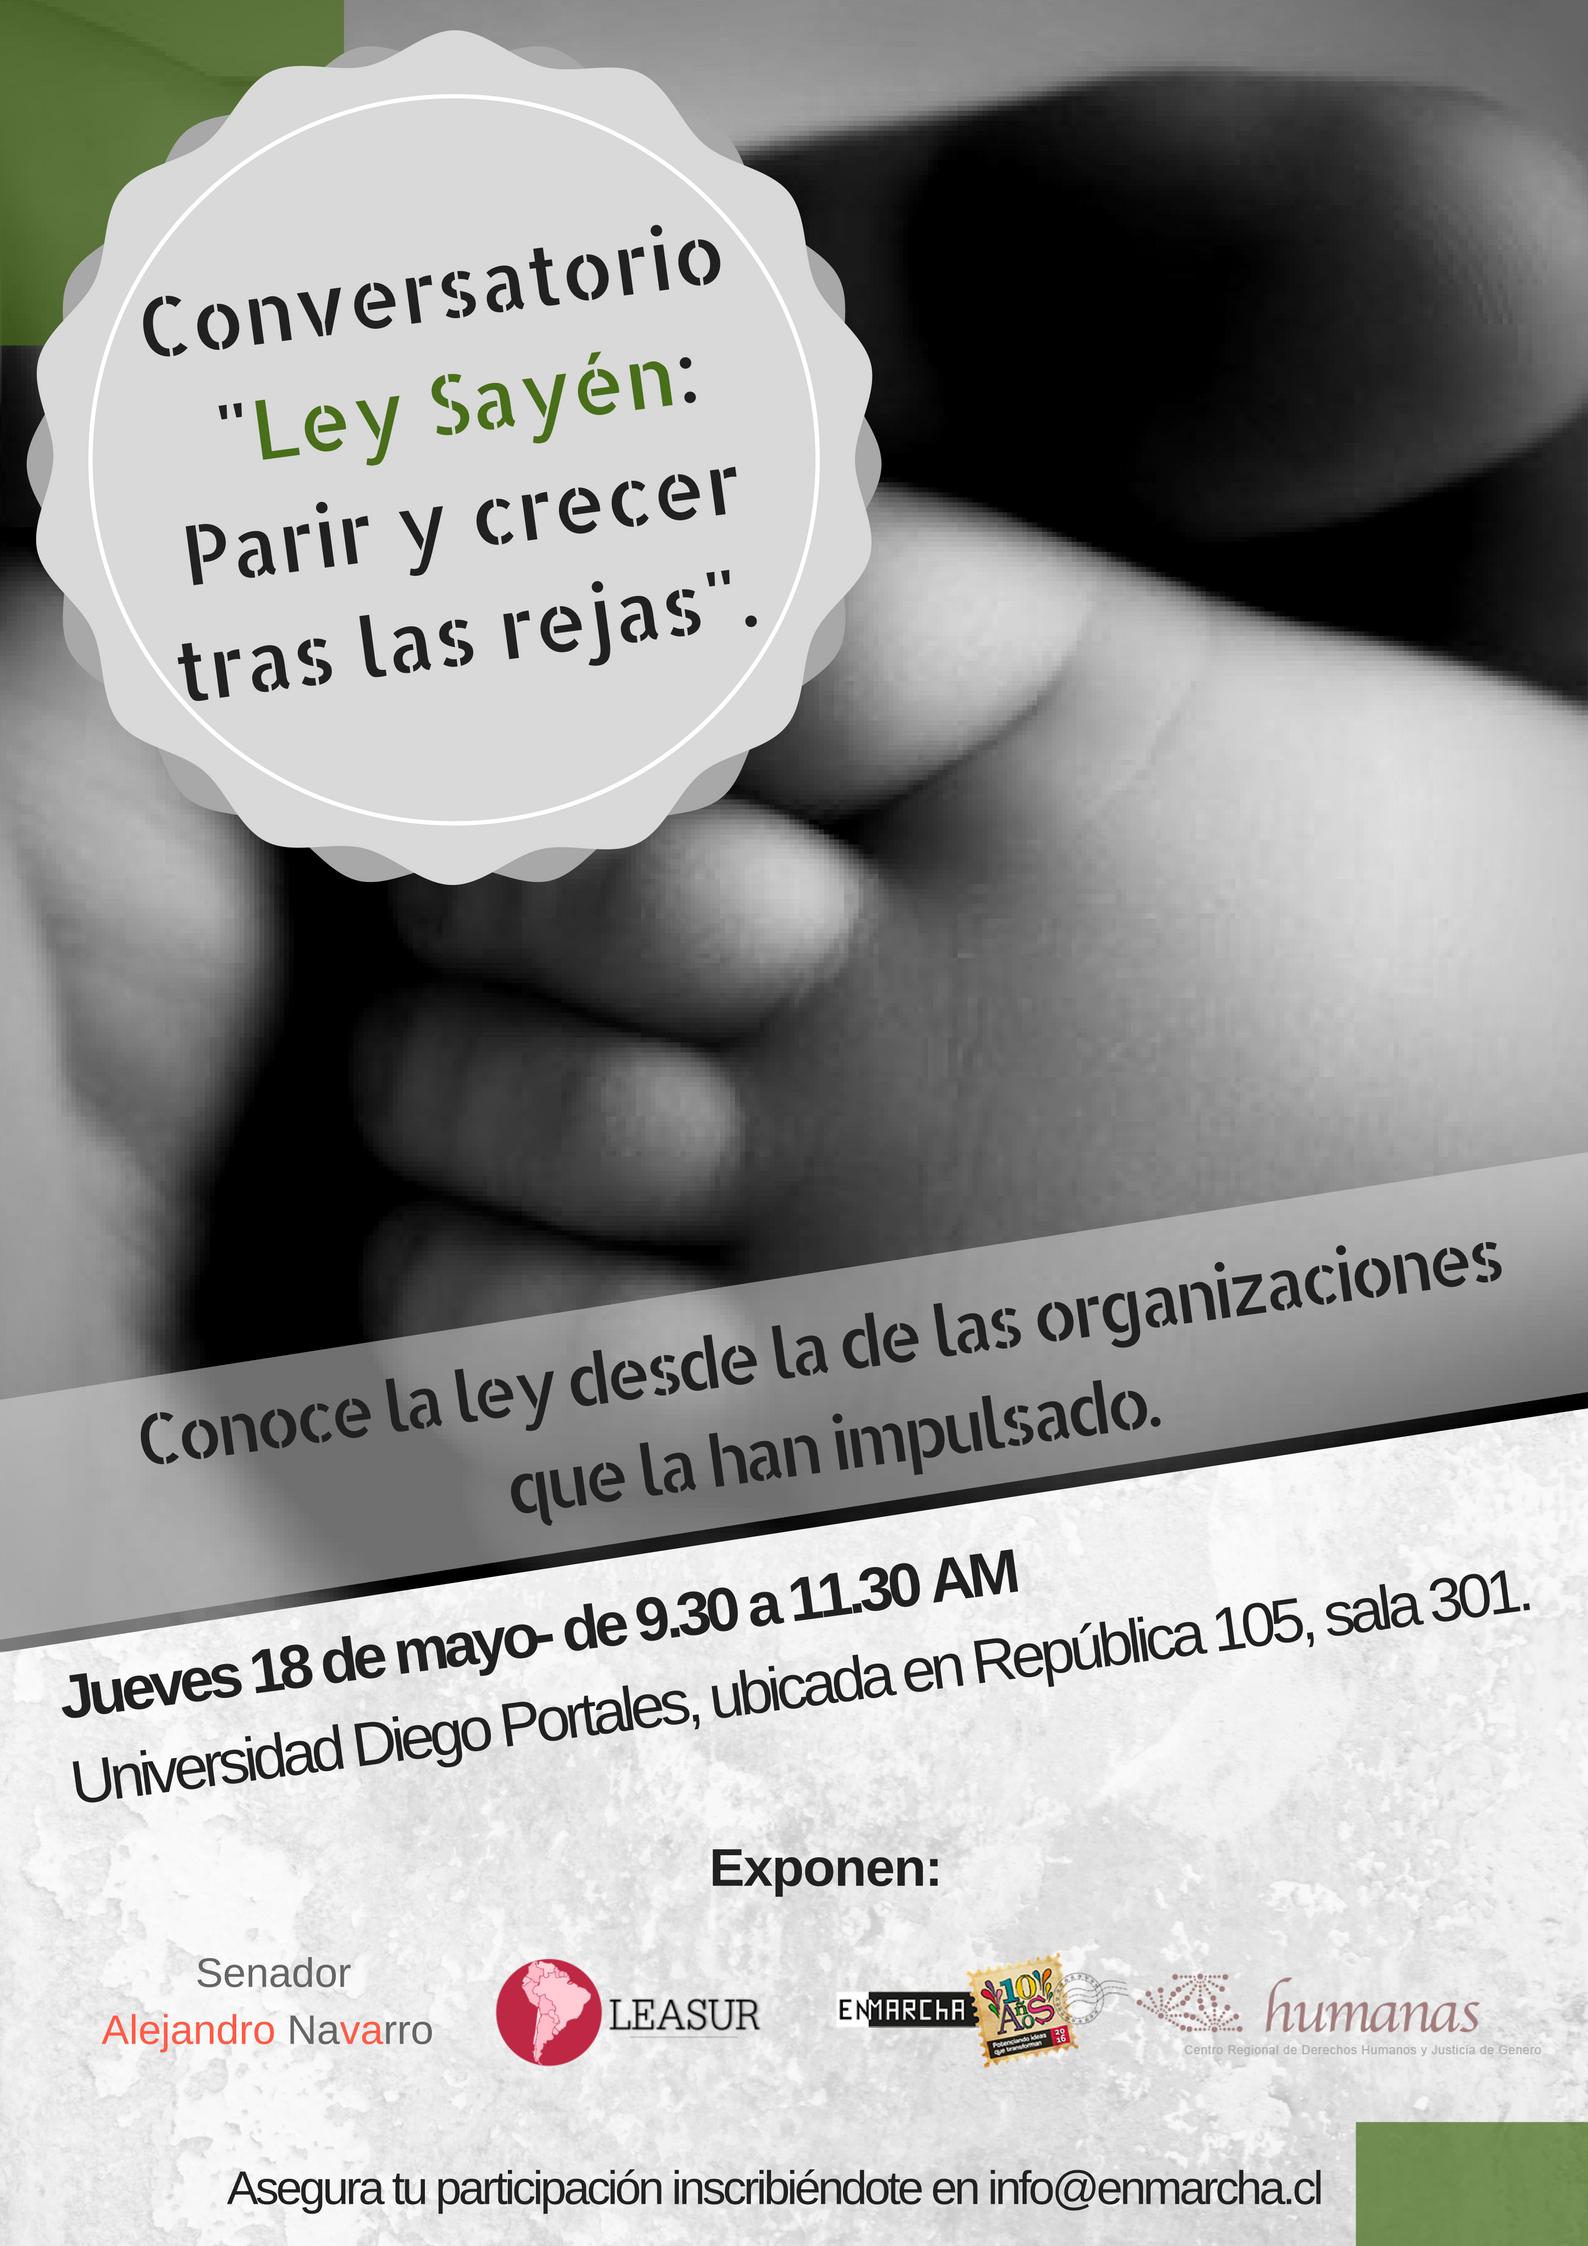 conversatorio _Ley Sayeìn_ Parir y crecer tras las rejas_. 2 (1)